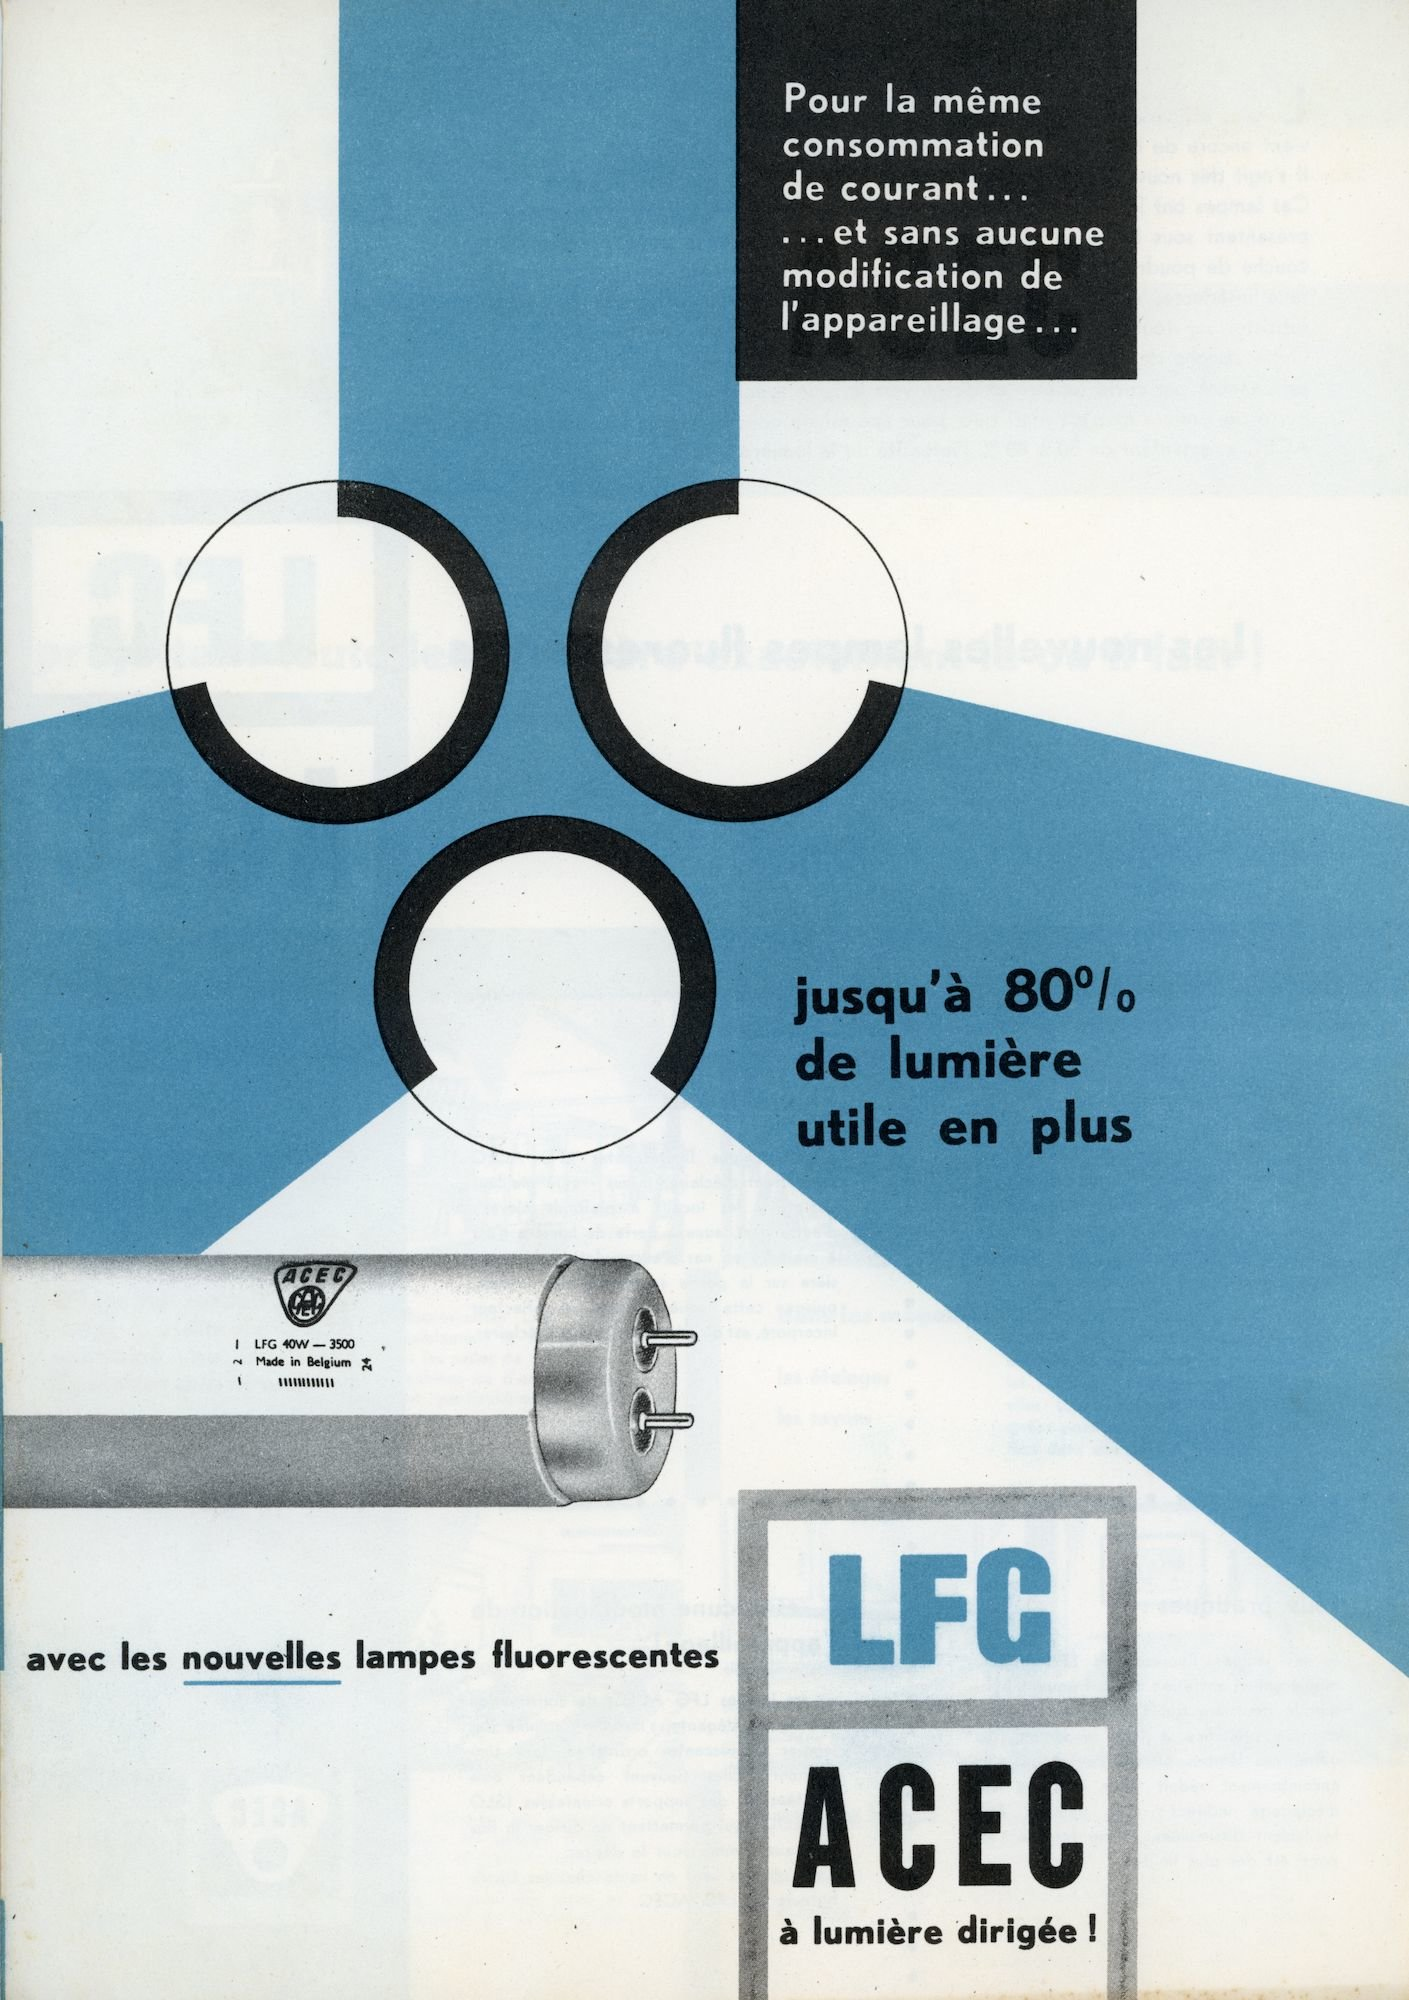 Avec les nouvelles lampes fluorescentes LFG, ACEC à lumière dirigée!